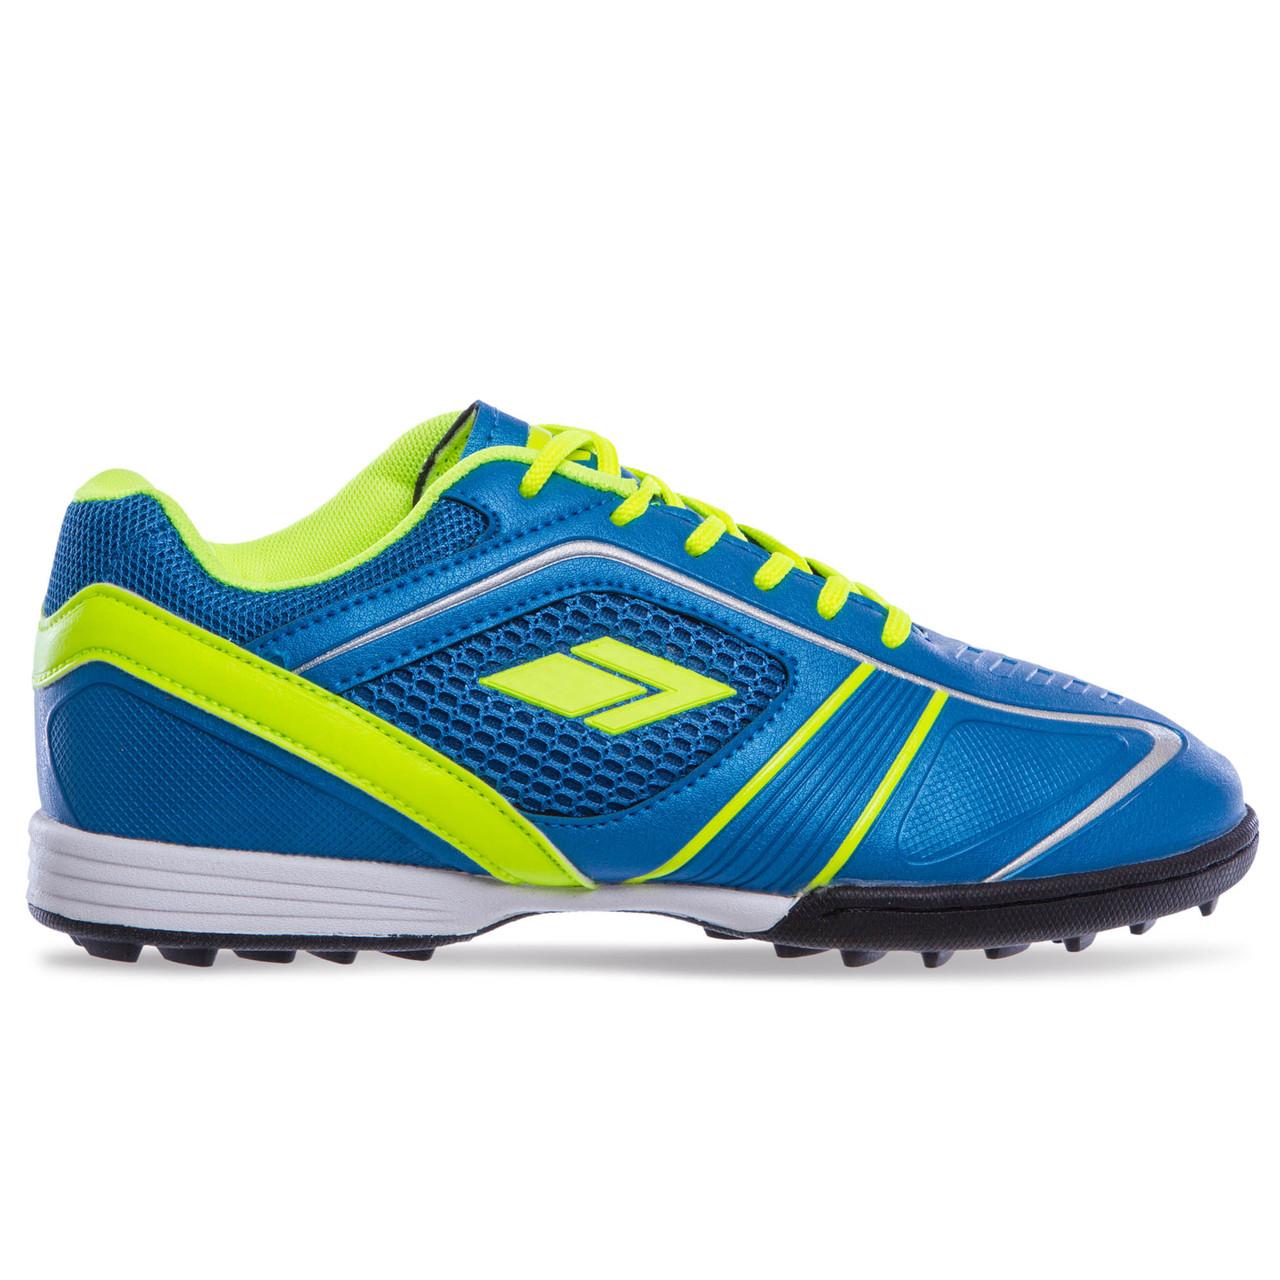 Сороконожки обувь футбольная 170303A размер 40-44 цвета в ассортименте